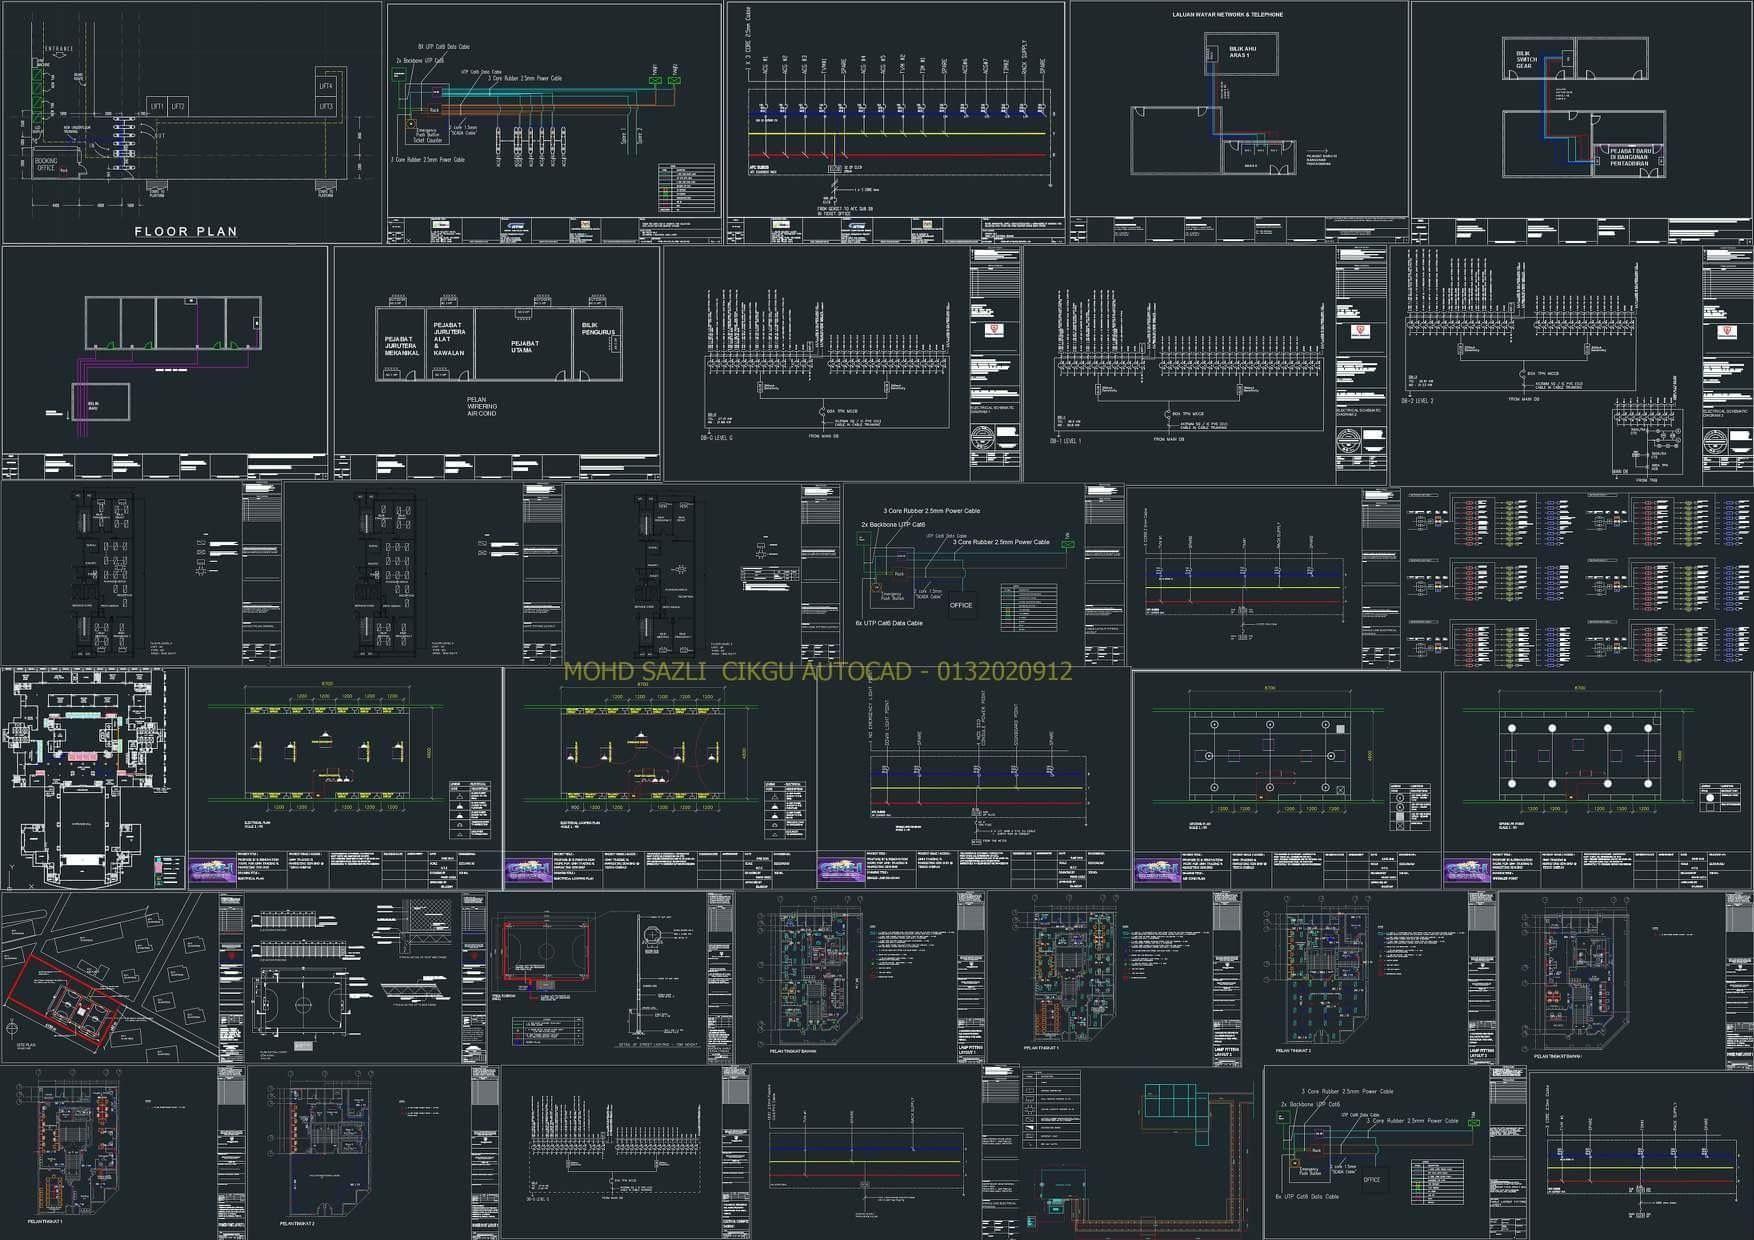 Lukisan Elektrik Lukisan Elektrik Ialah Lukisan Kejuruteraan Yang Berkaitan Dengan Bekalan Tenaga Elektrik Lukis Weather Screenshot Audio Mixer How To Plan